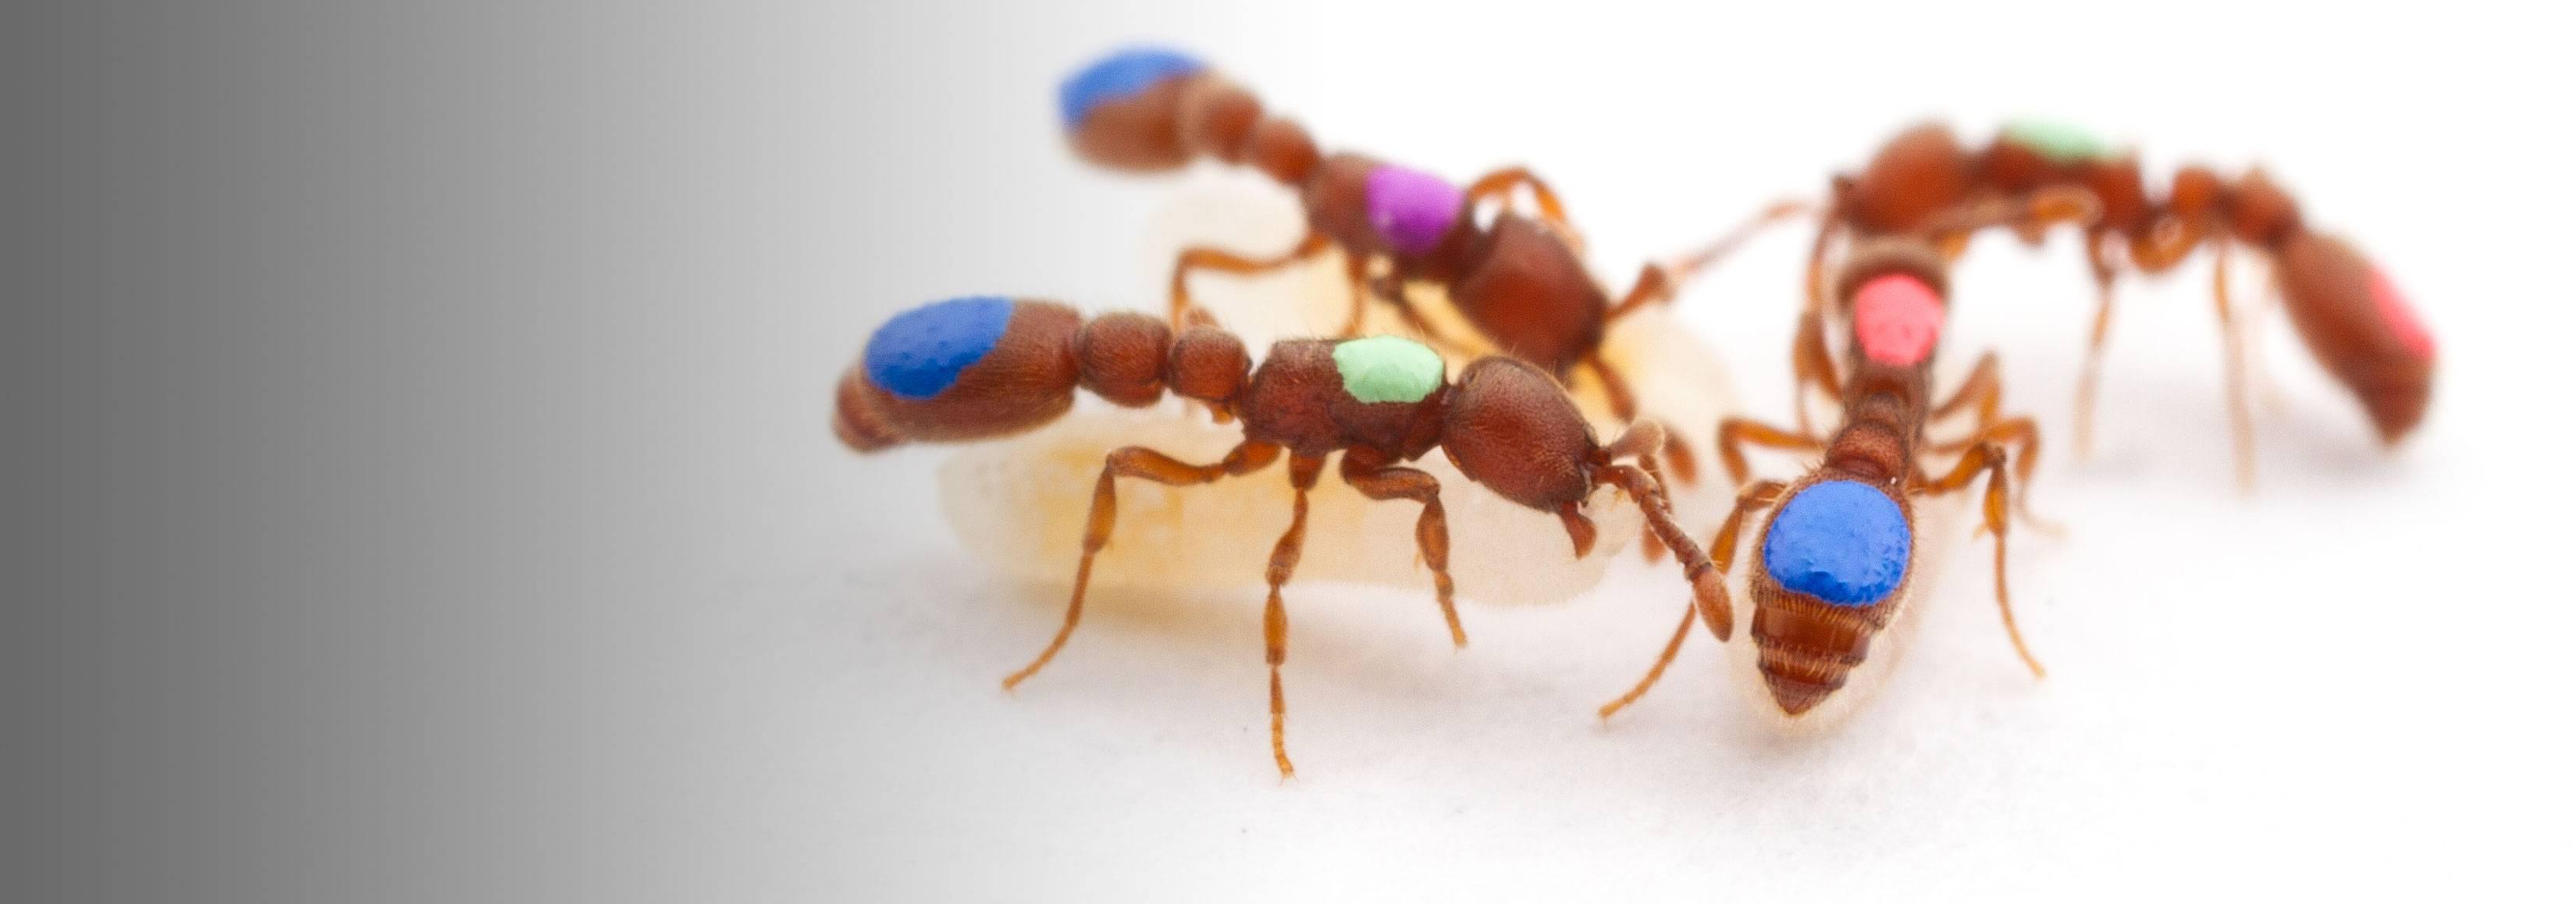 Clonal ants